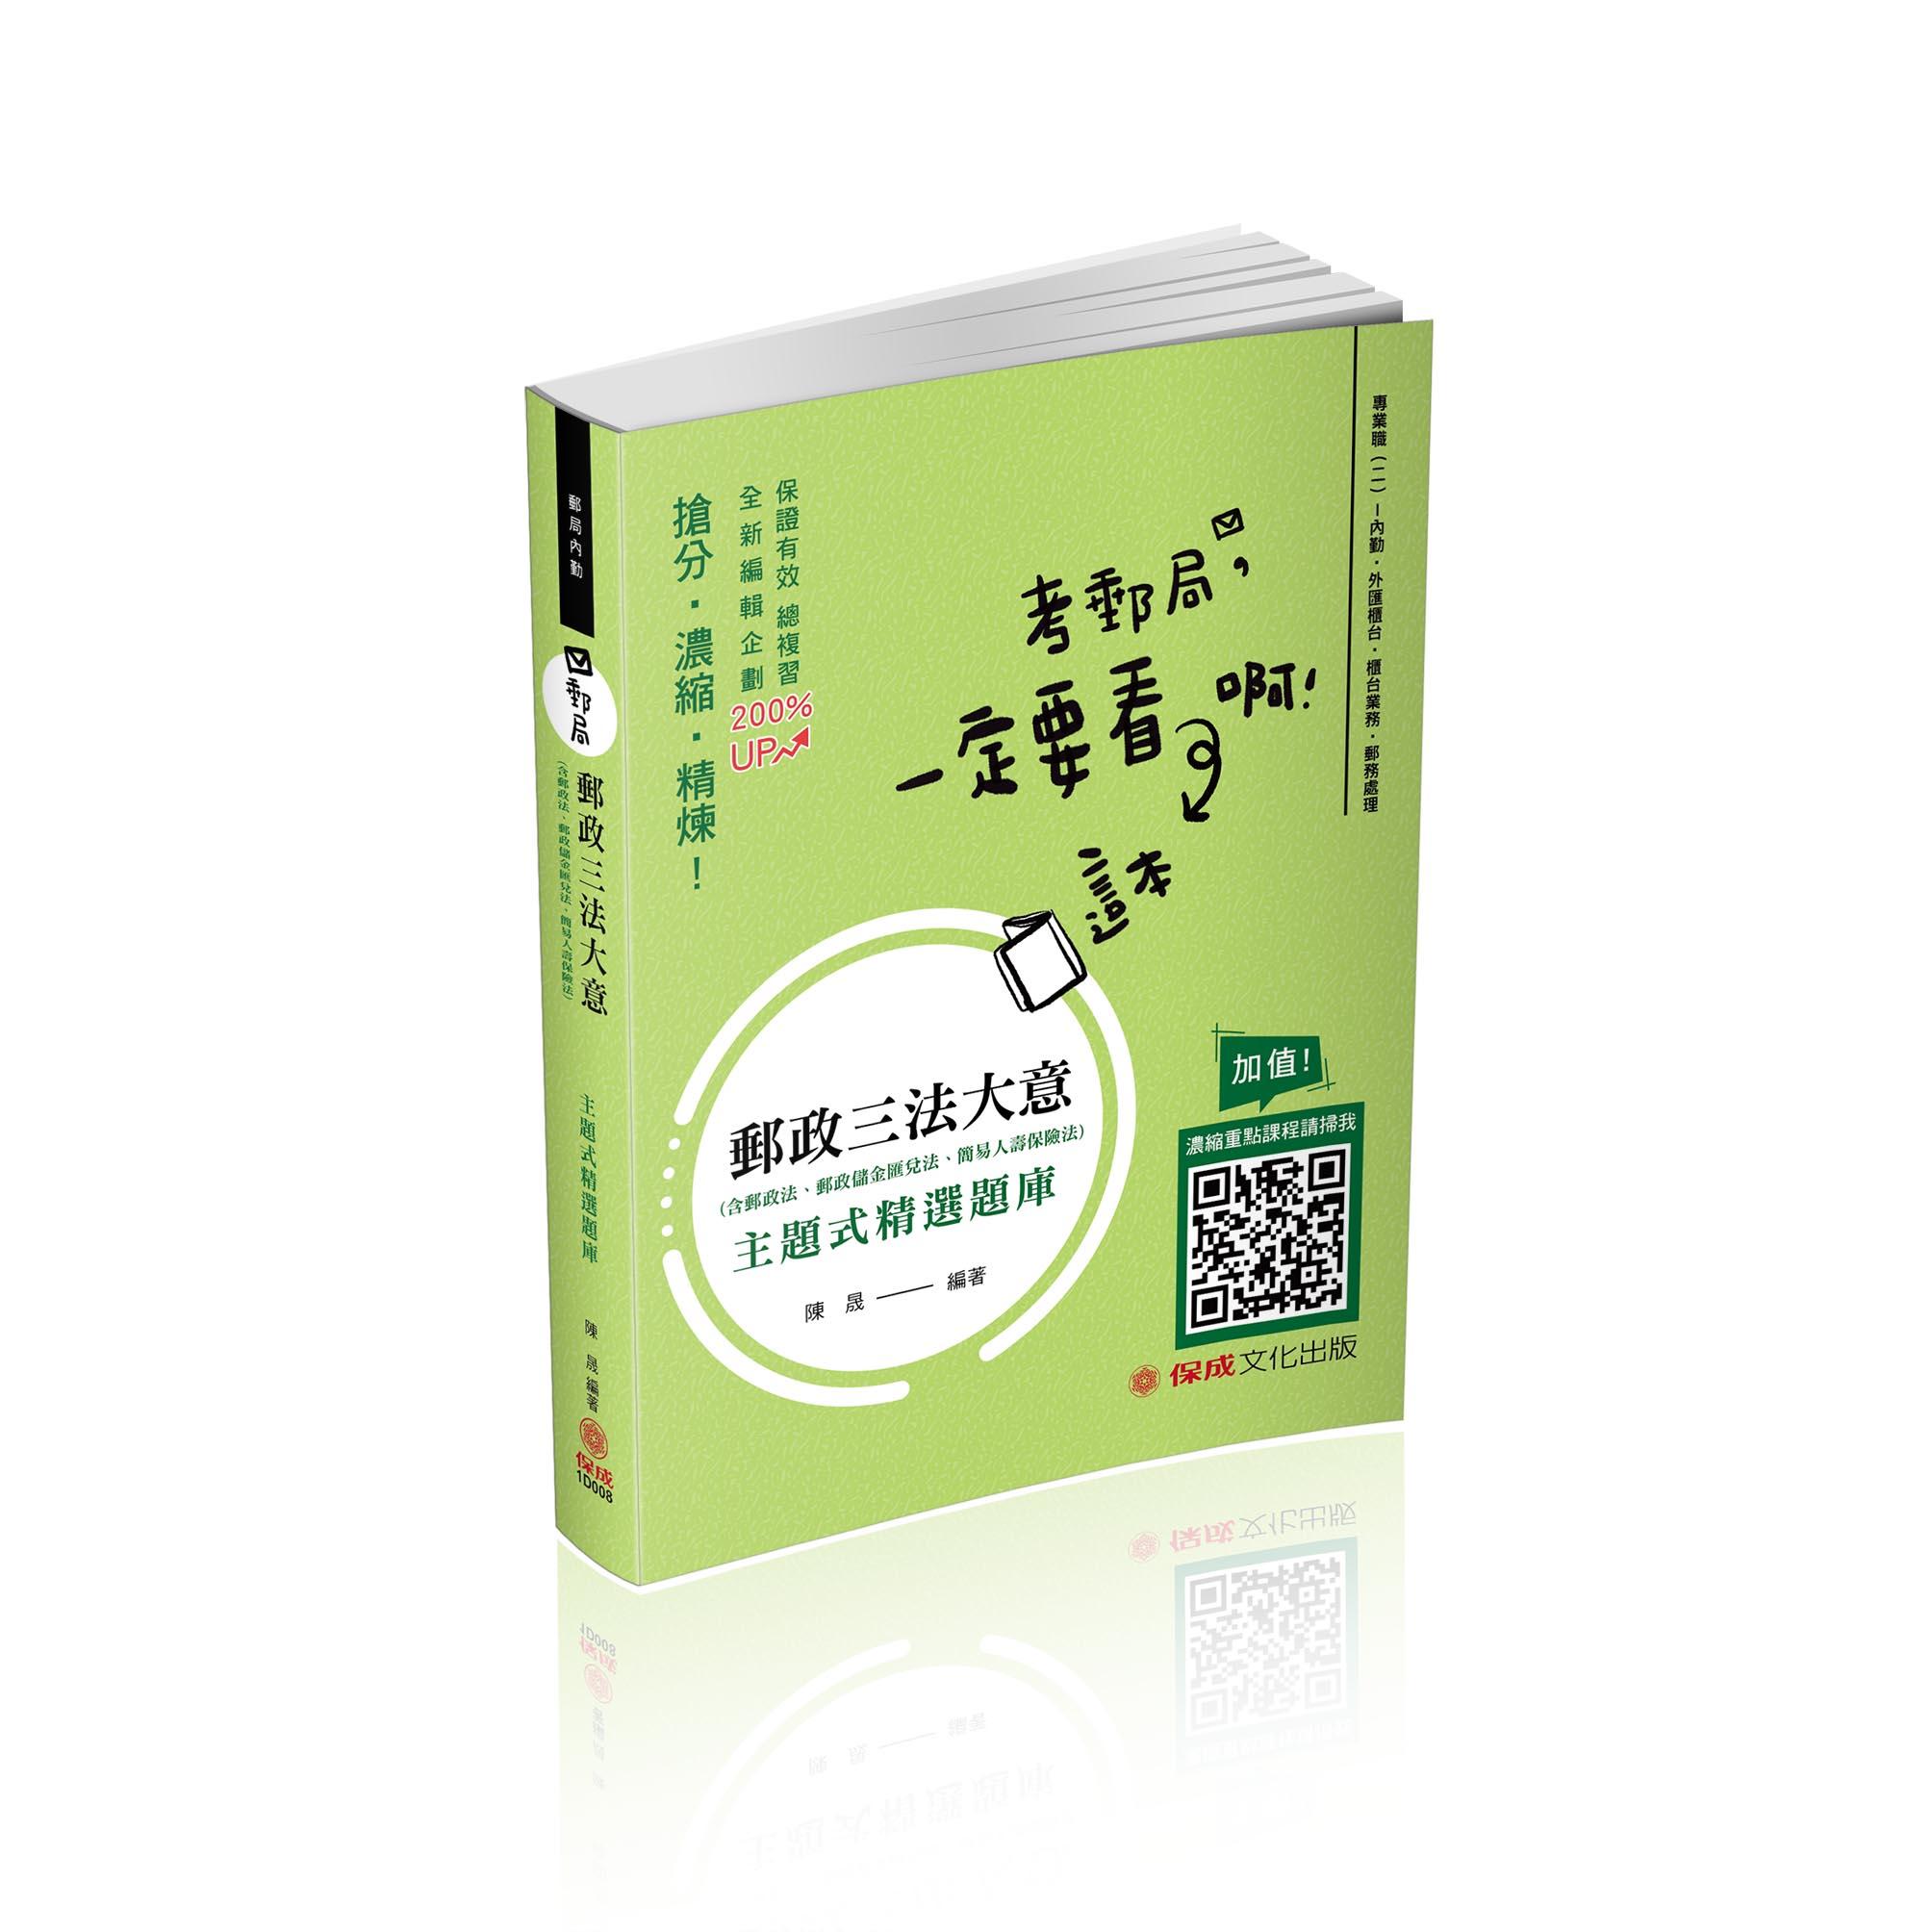 郵局招考考古題推薦考試用書